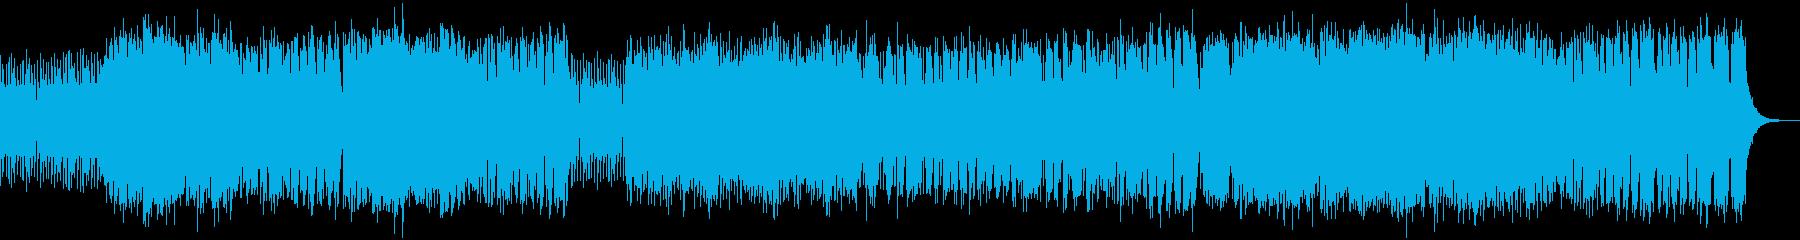 スピード感 躍動的サックスジャズビートの再生済みの波形